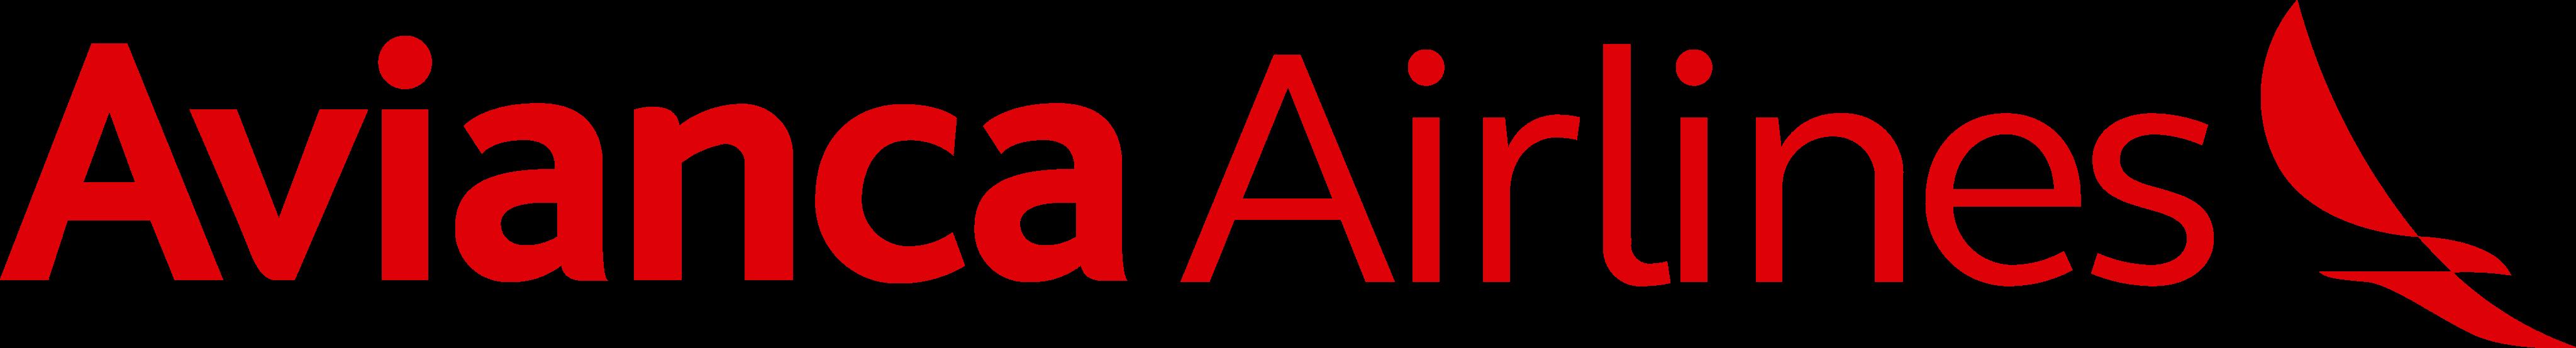 avianca logo 8 - Avianca Logo